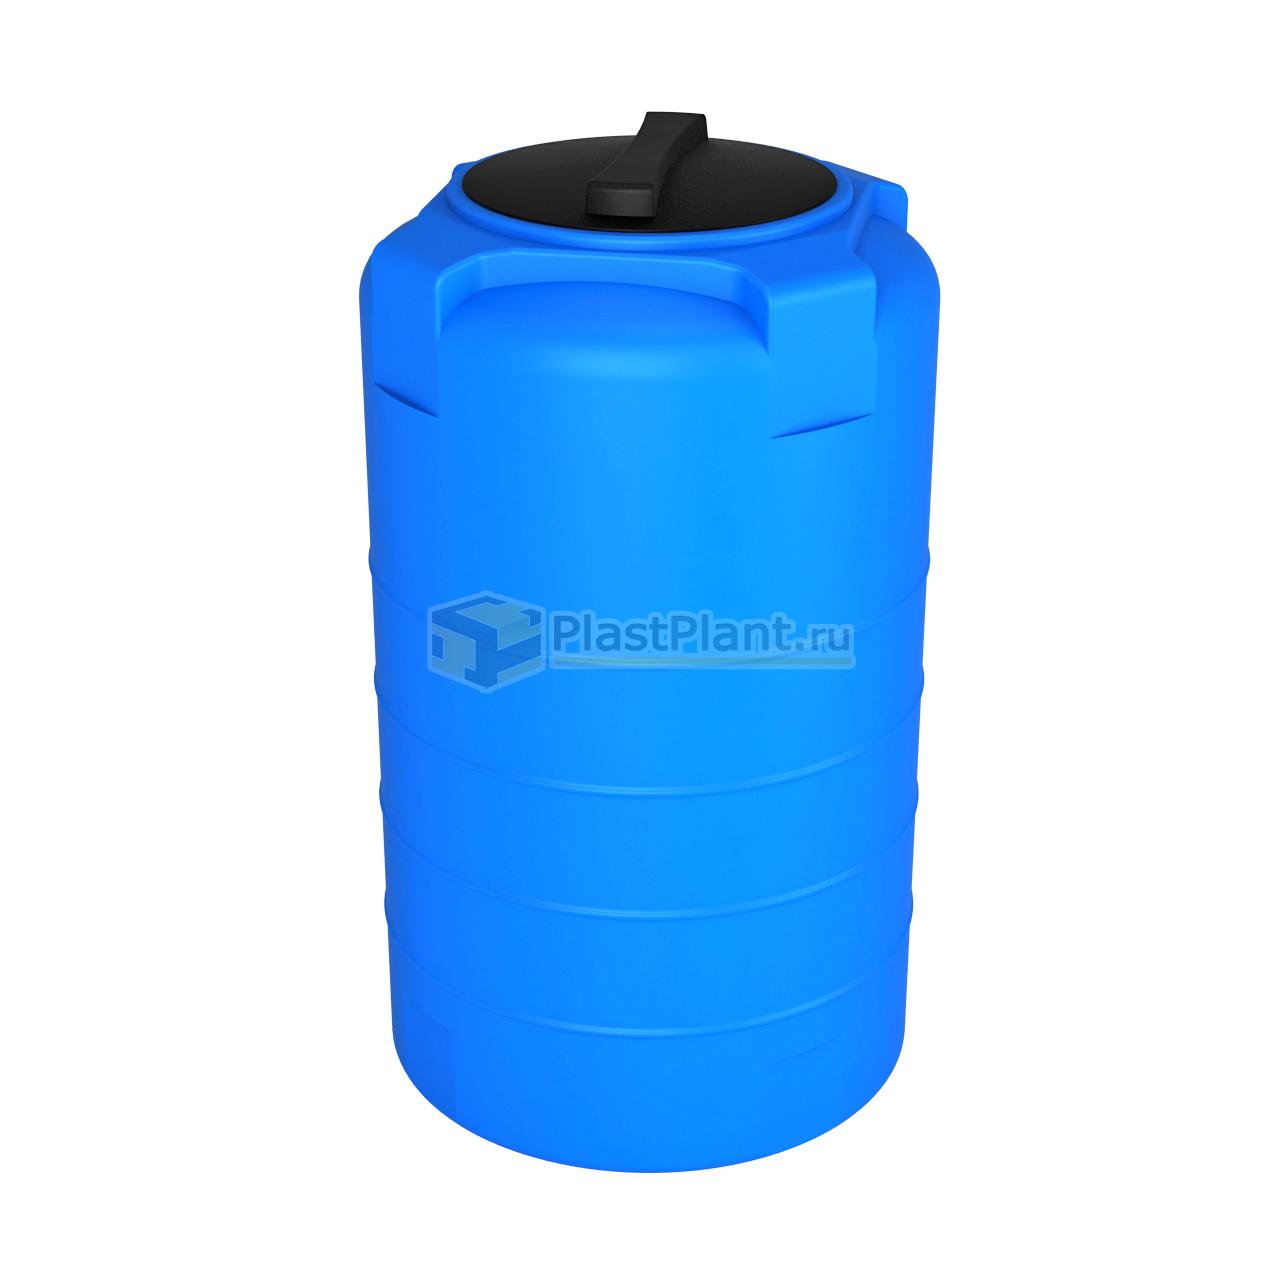 Емкость Т 200 литров (T 200) в компании ПластПлэнт